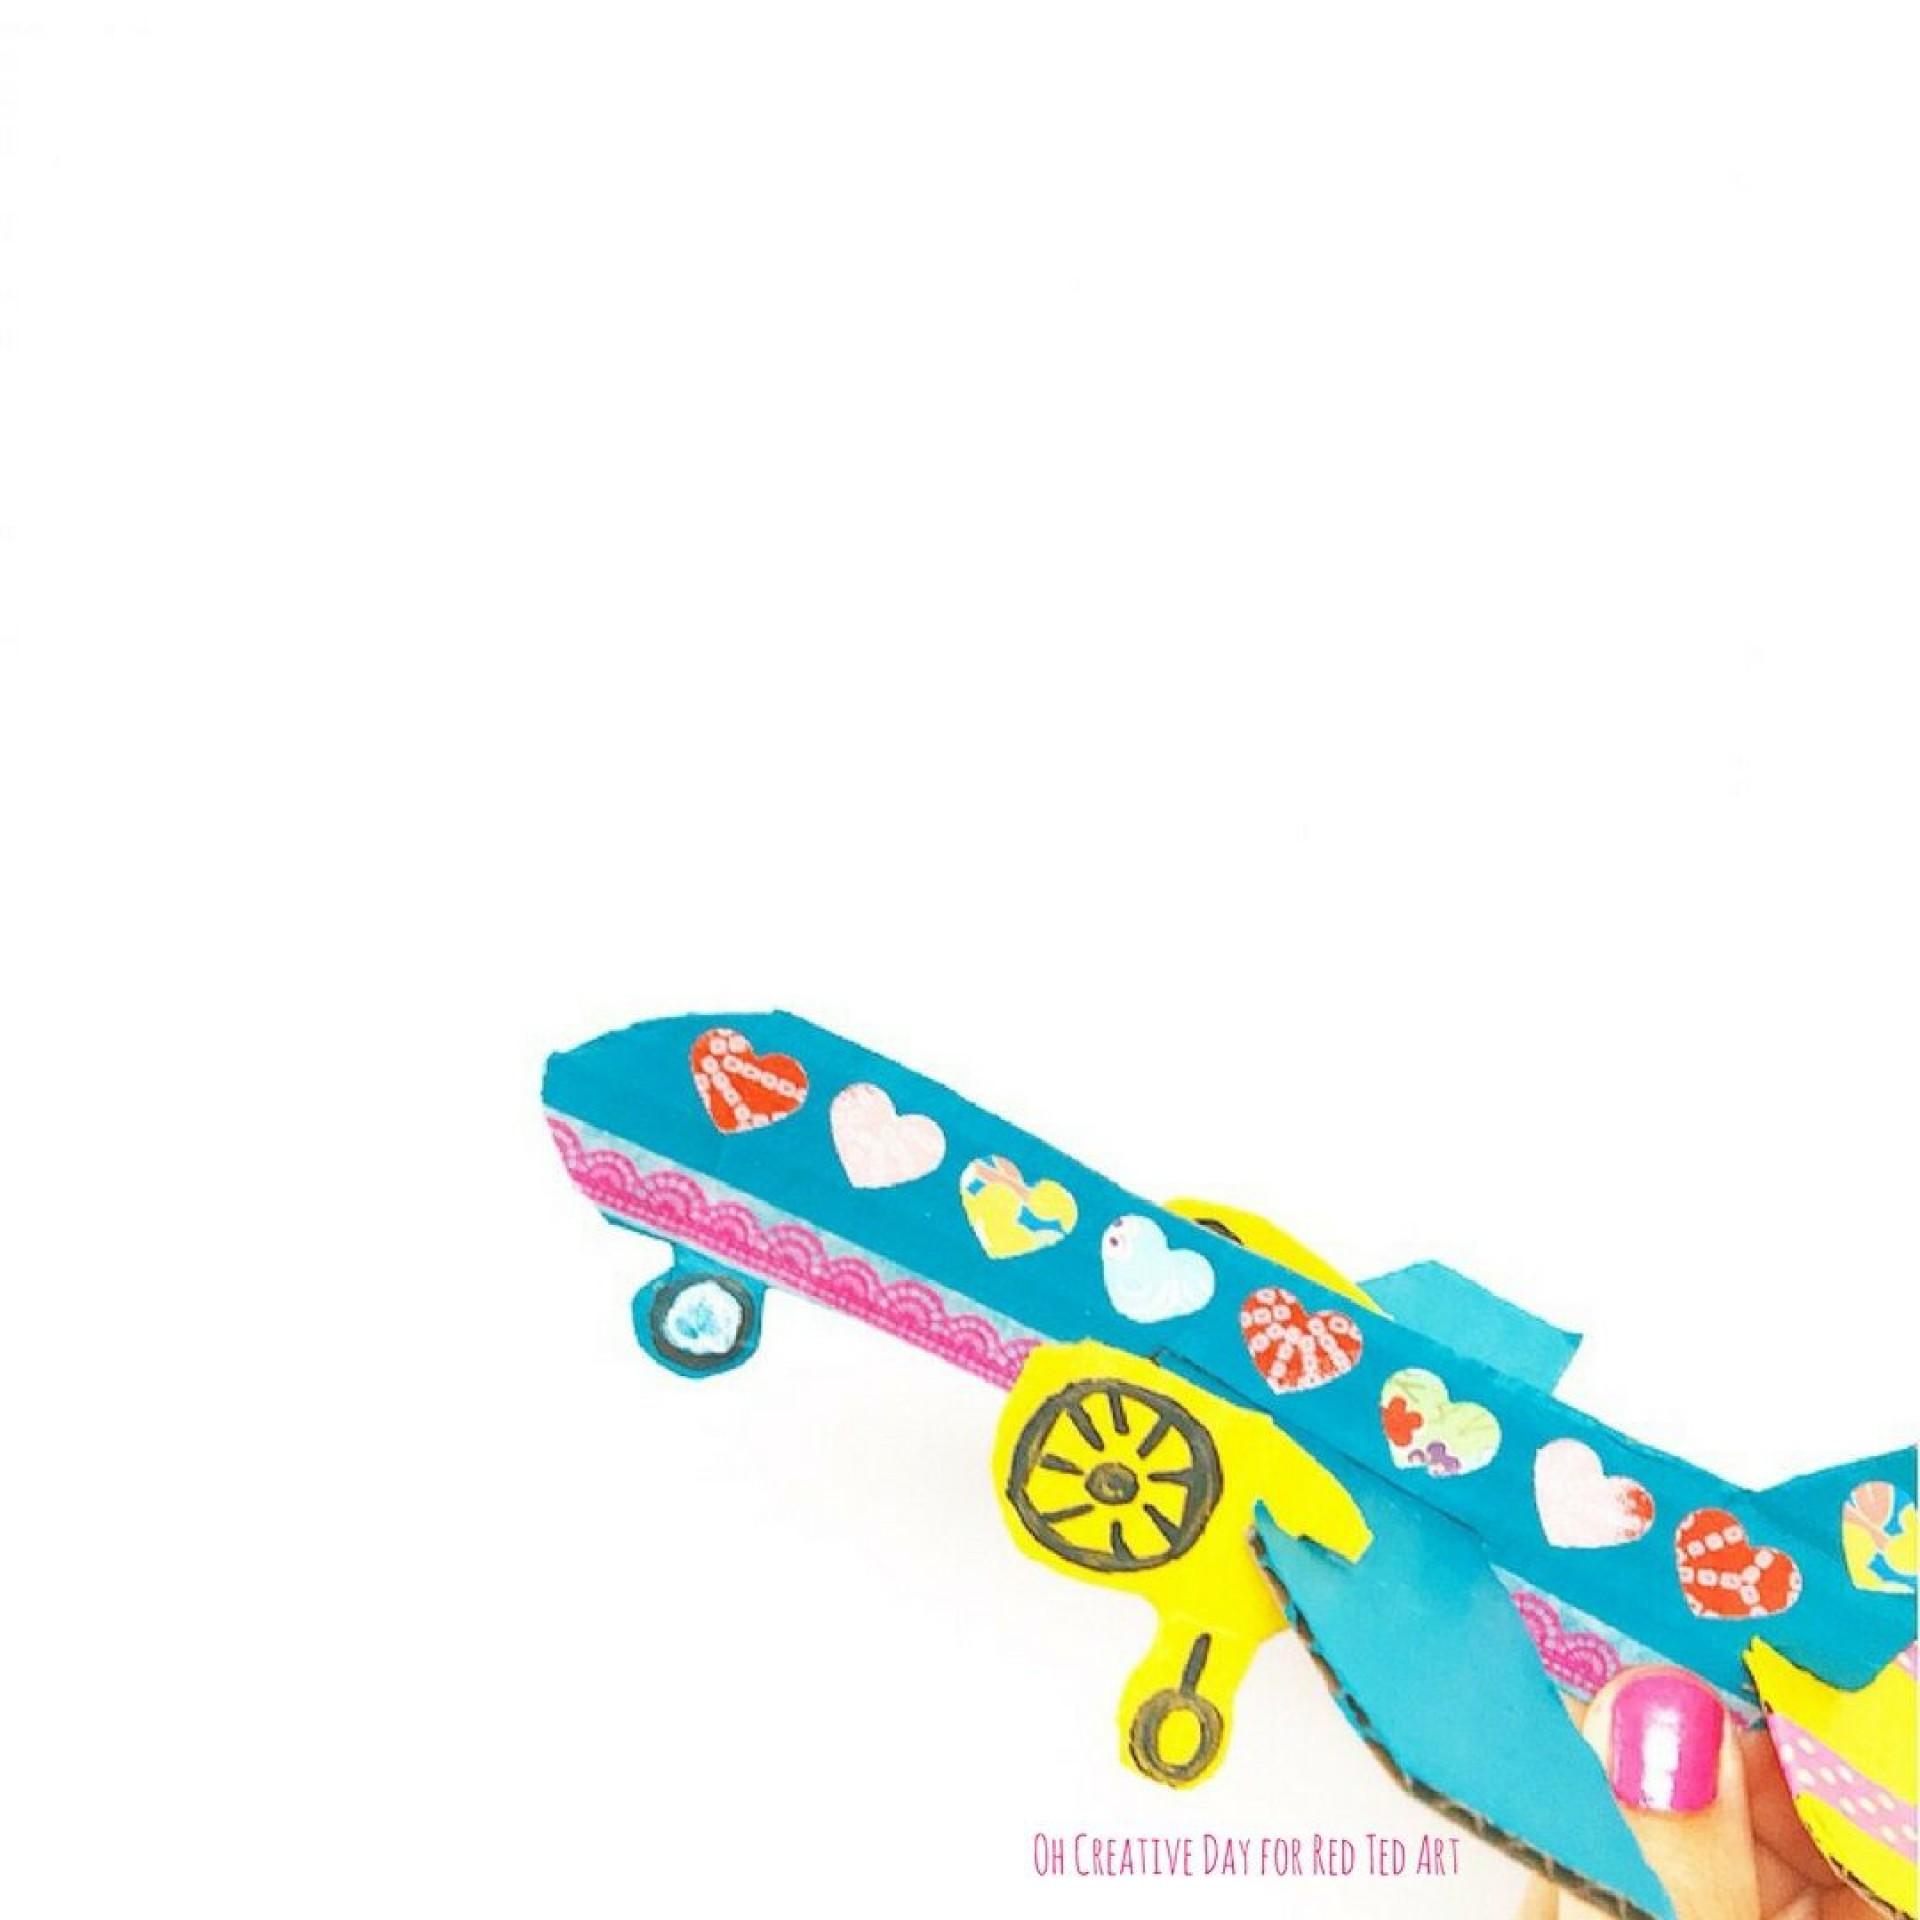 005 Unique Free Paper Airplane Design Printable Template  Designs-printable Templates1920